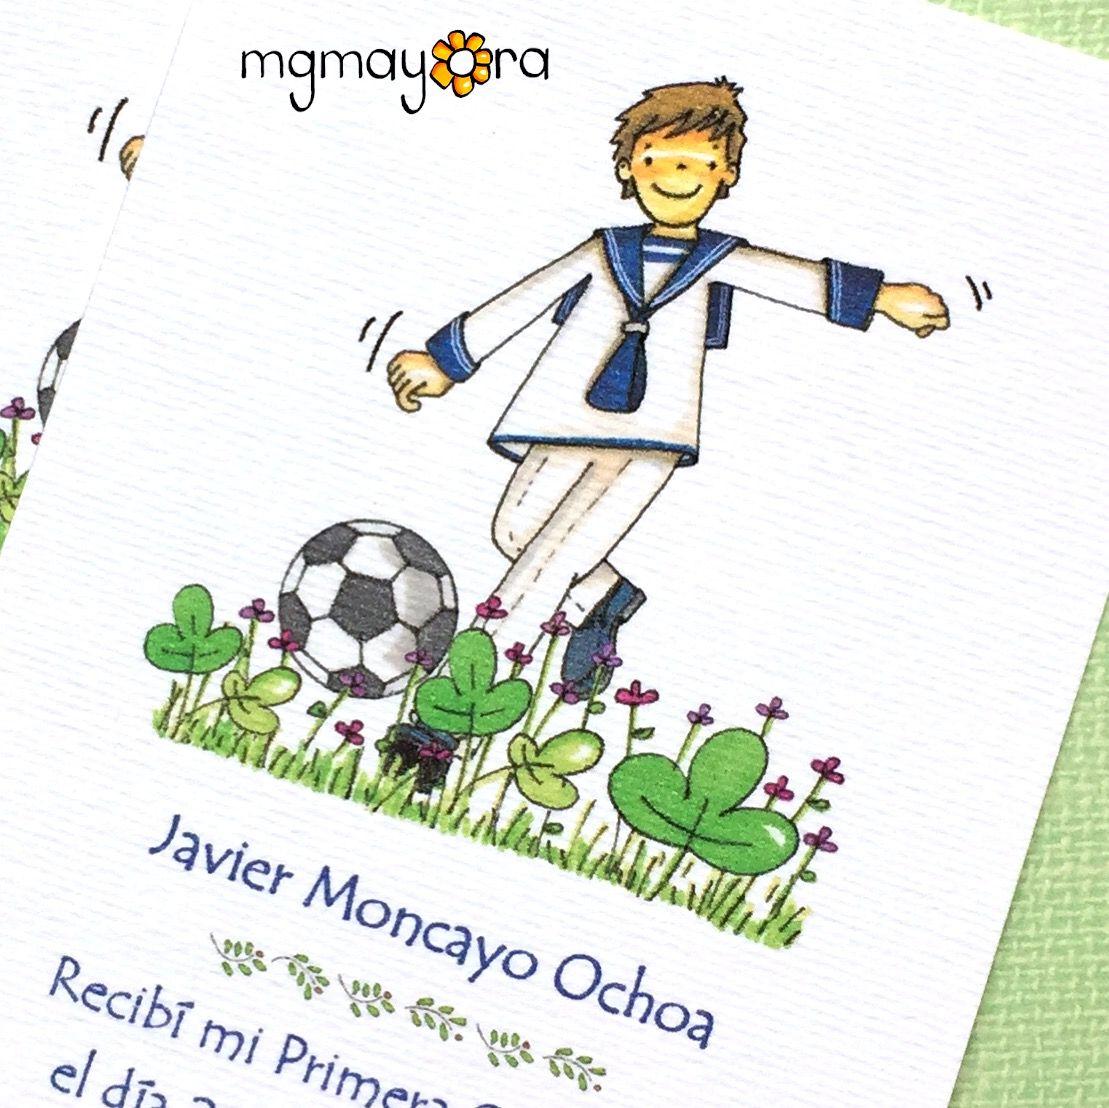 Recordatorios De Comunion Personalizados Para Nino Con Balon De Futbol Invitaciones Comunion Nino Comunion Comunion Nino